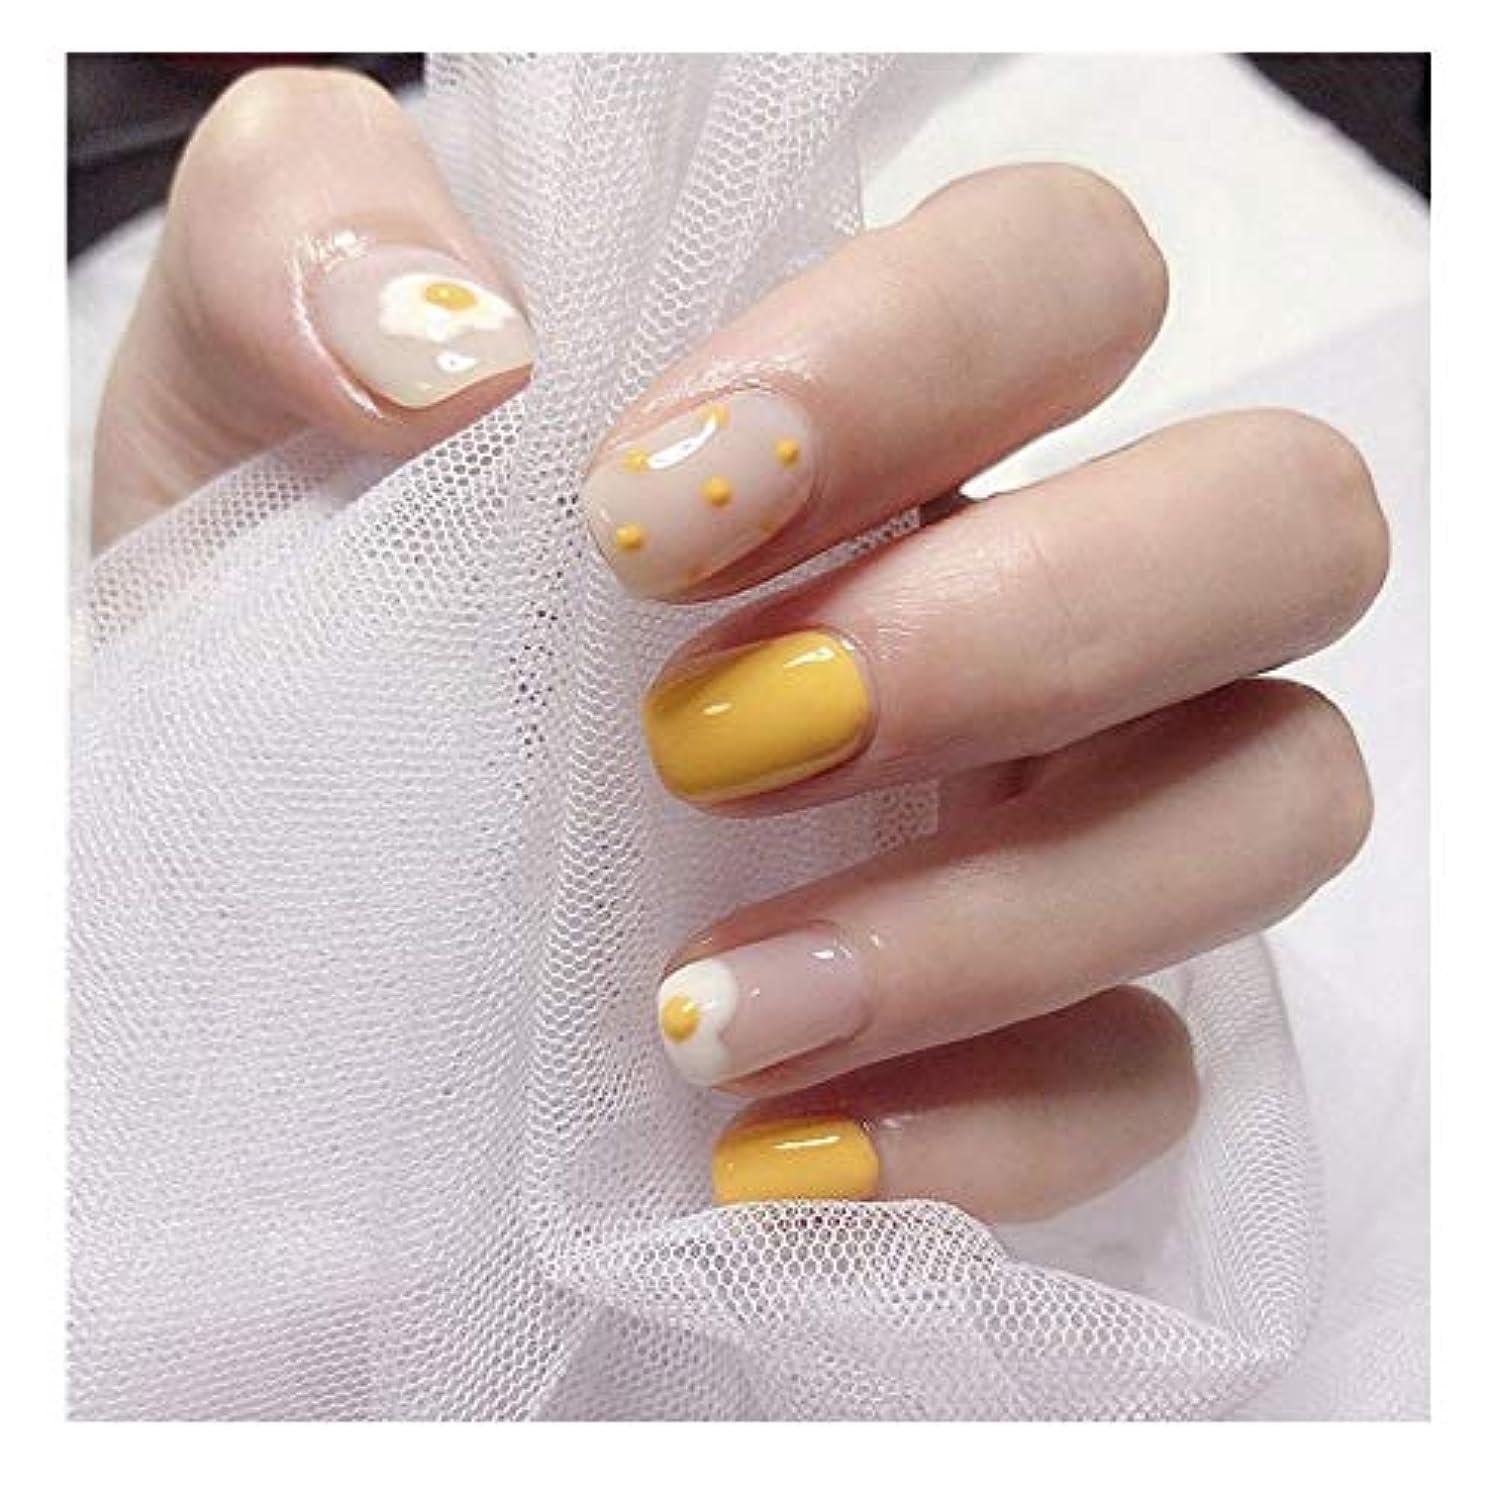 不承認指導するミネラルLVUITTON 黄色の卵偽の釘のショートスクエアネイルグルー完成ネイルアートフェイクネイルズ (色 : 24 pieces)